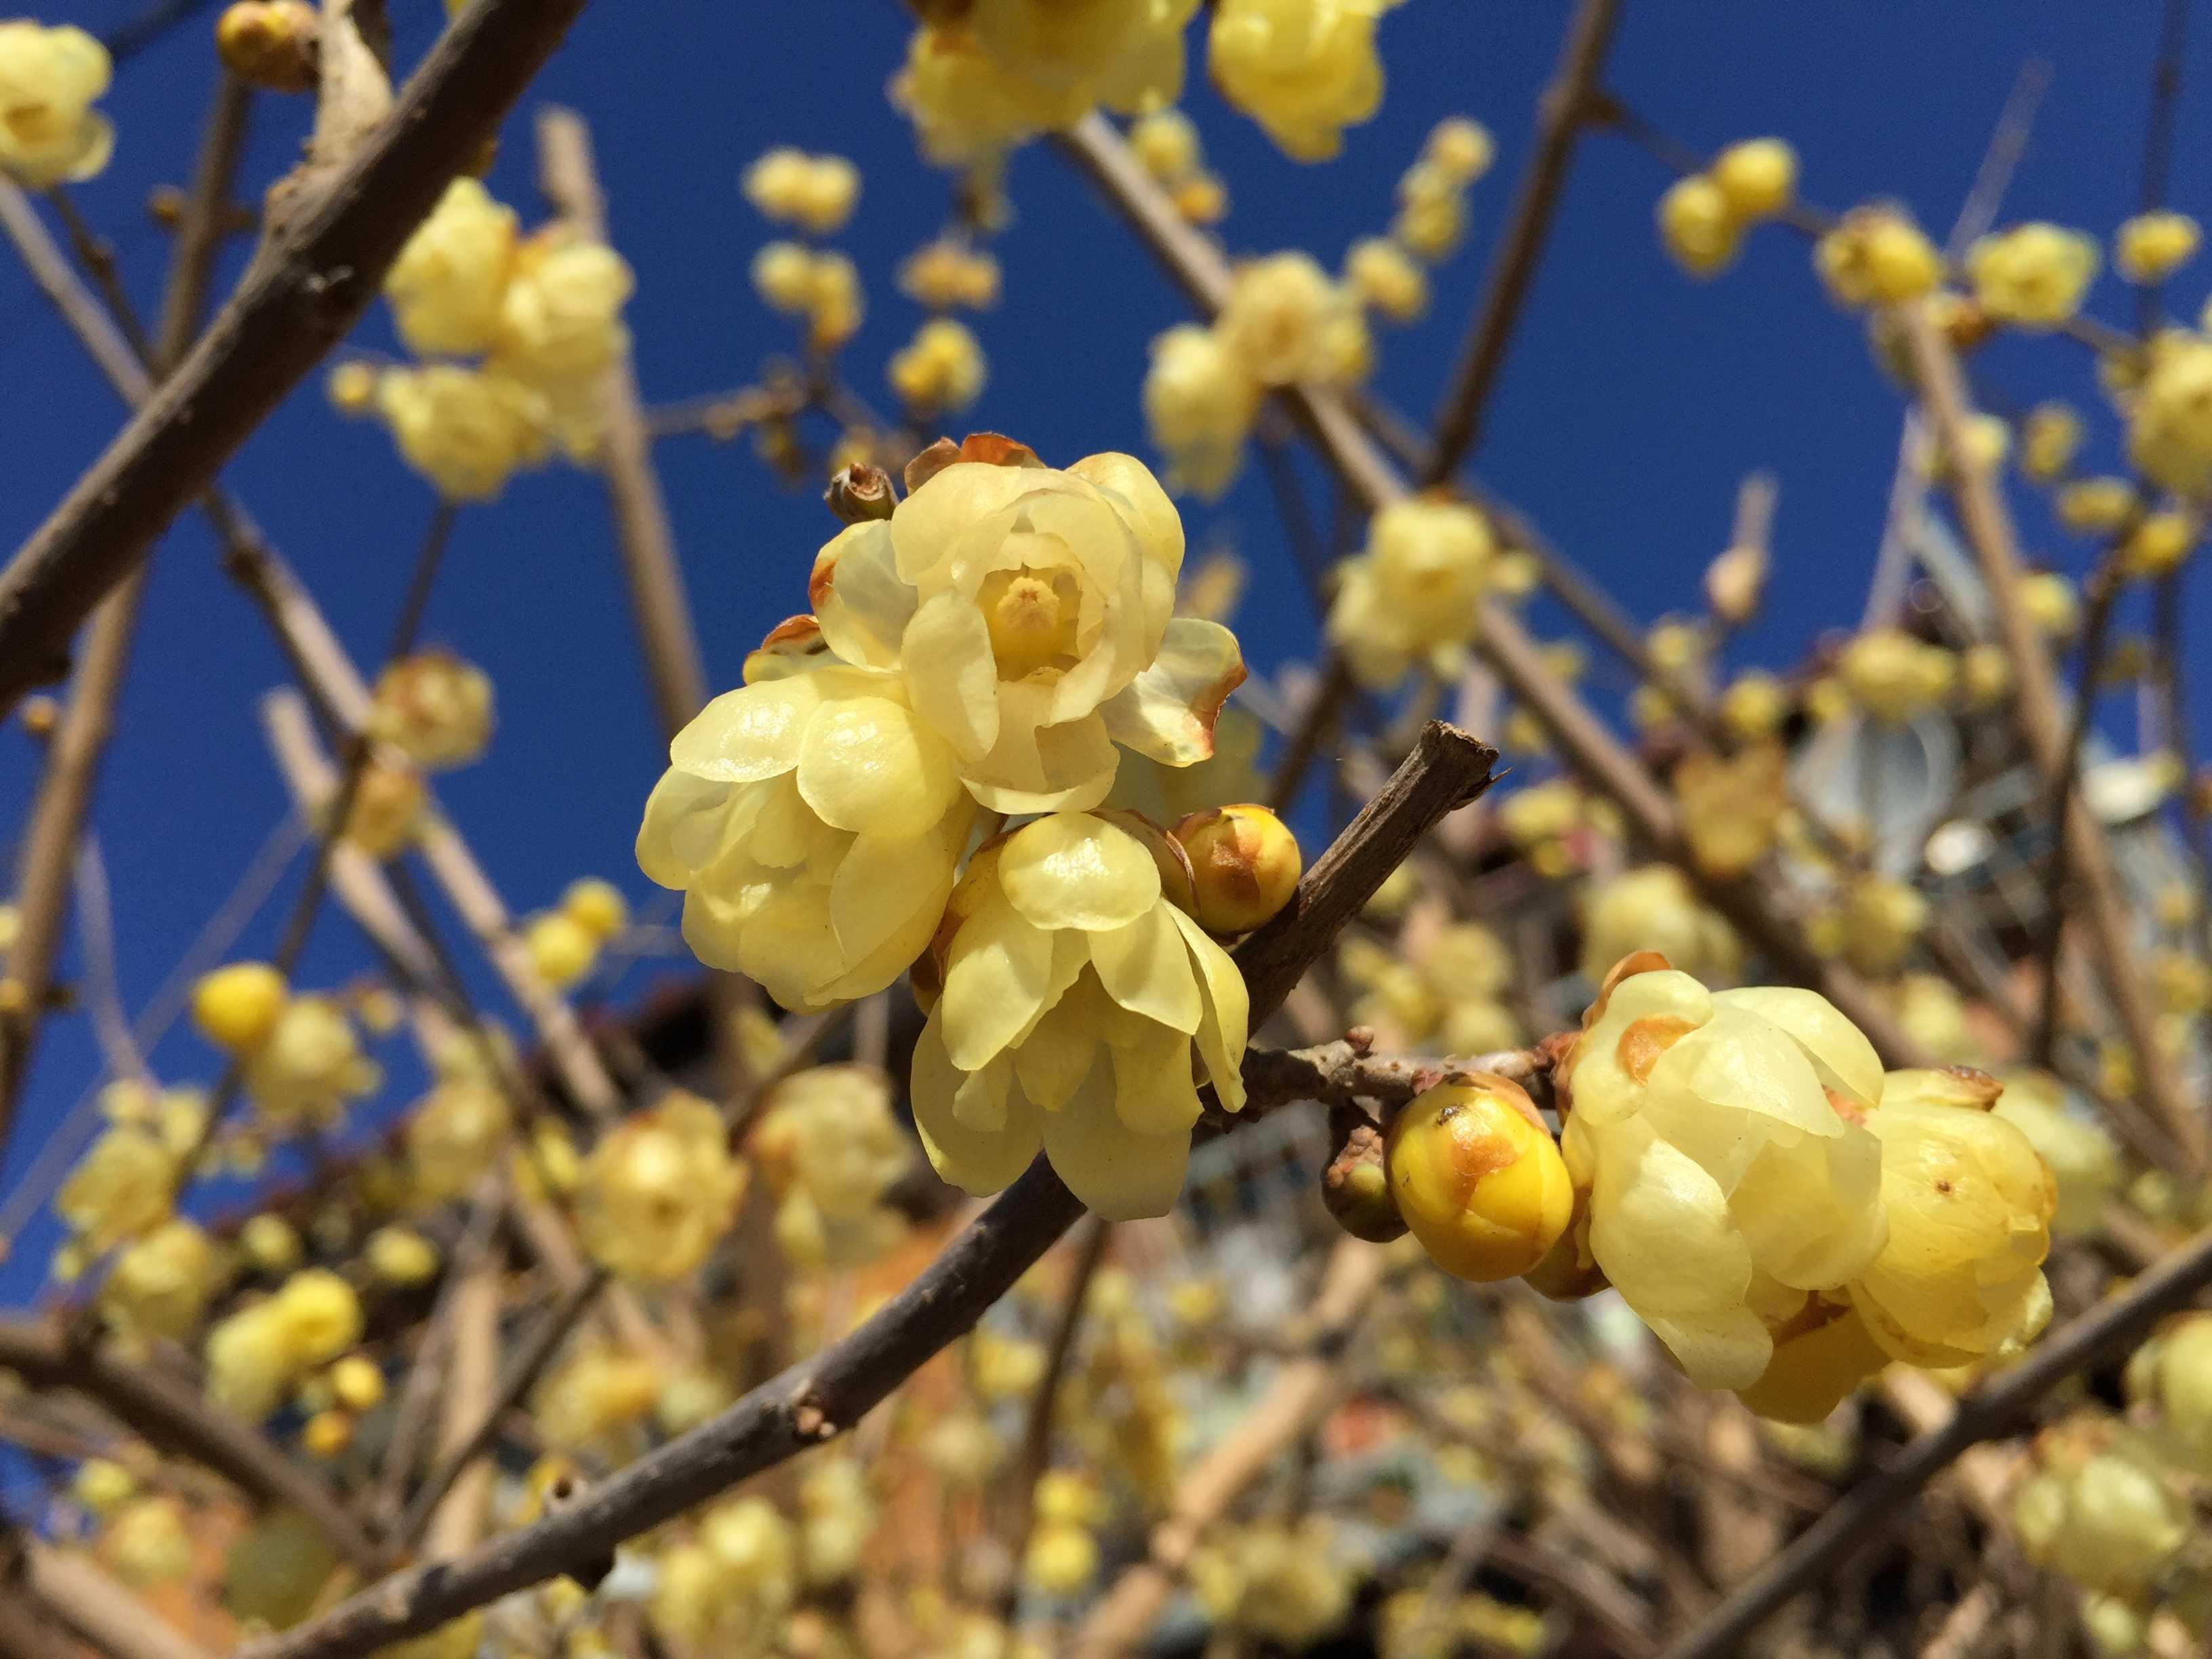 蝋梅(ロウバイ) の黄色い花